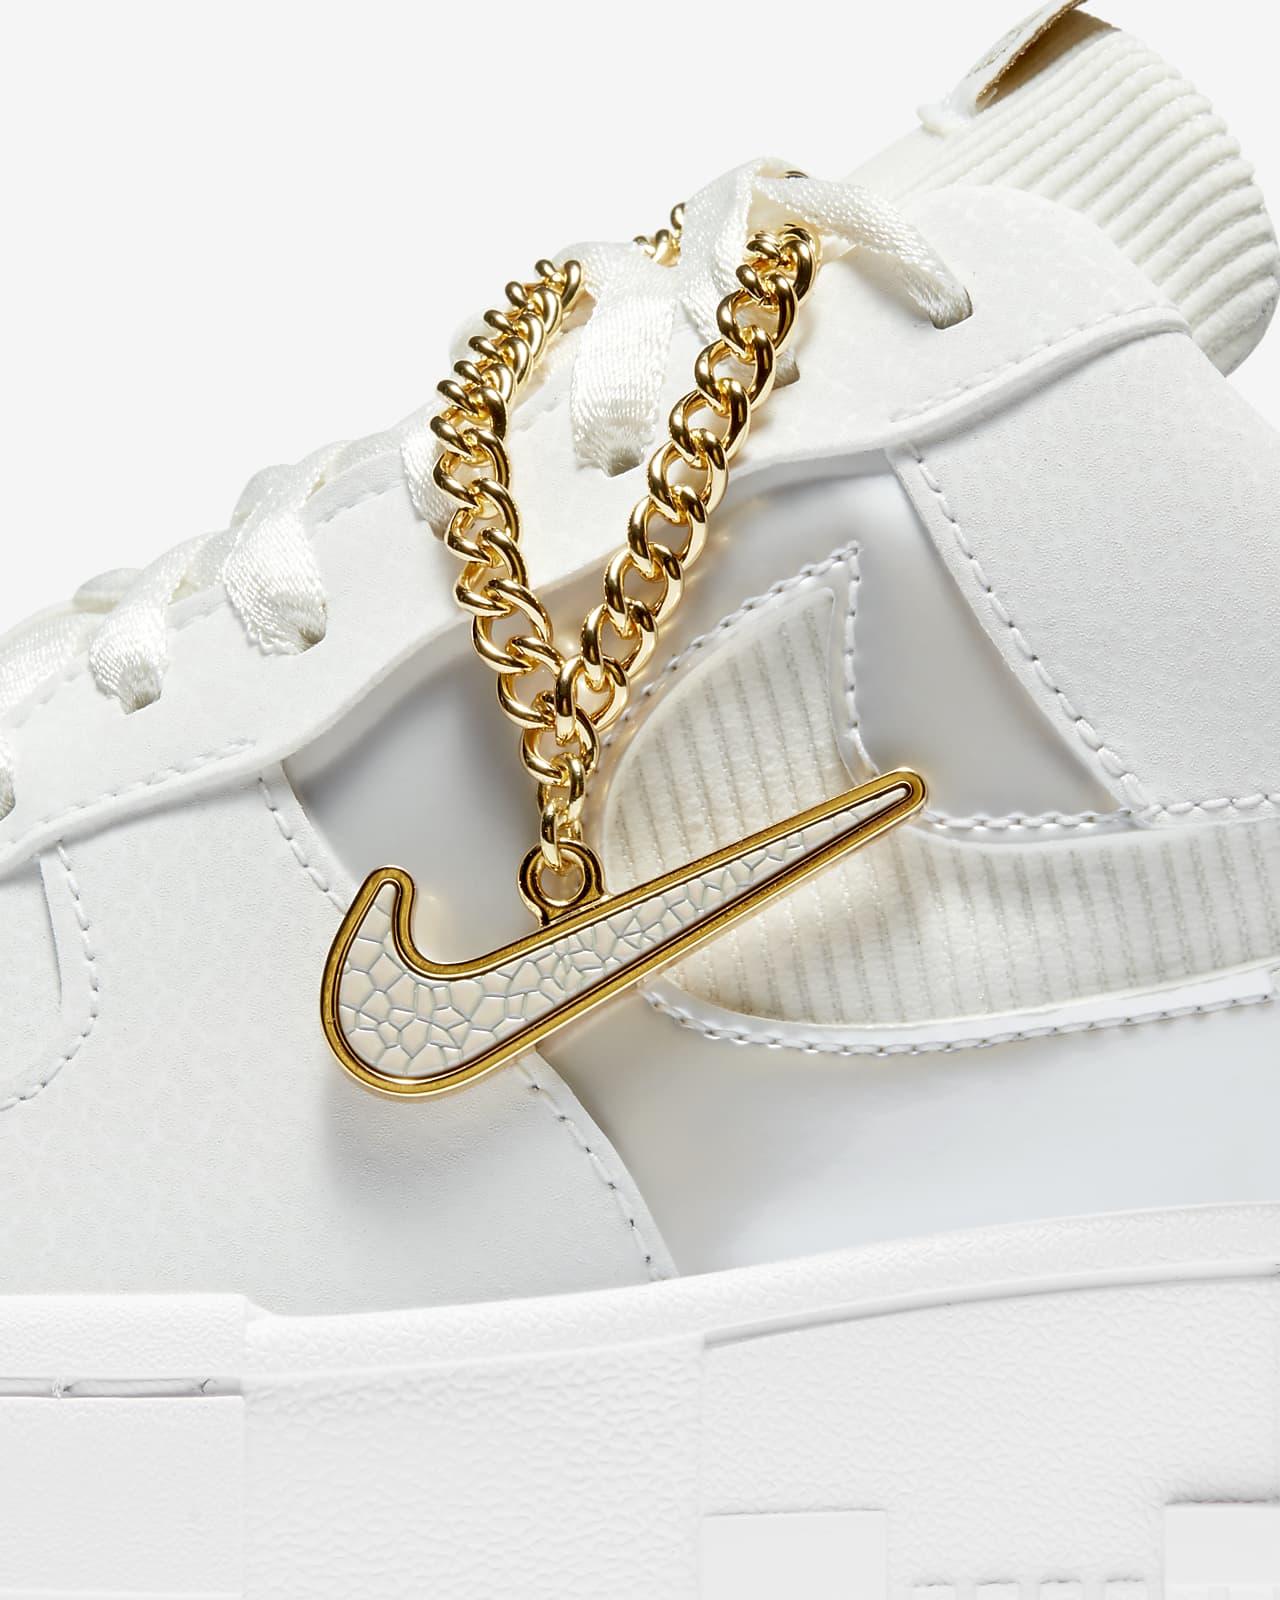 basket nike air force 1 femme gold